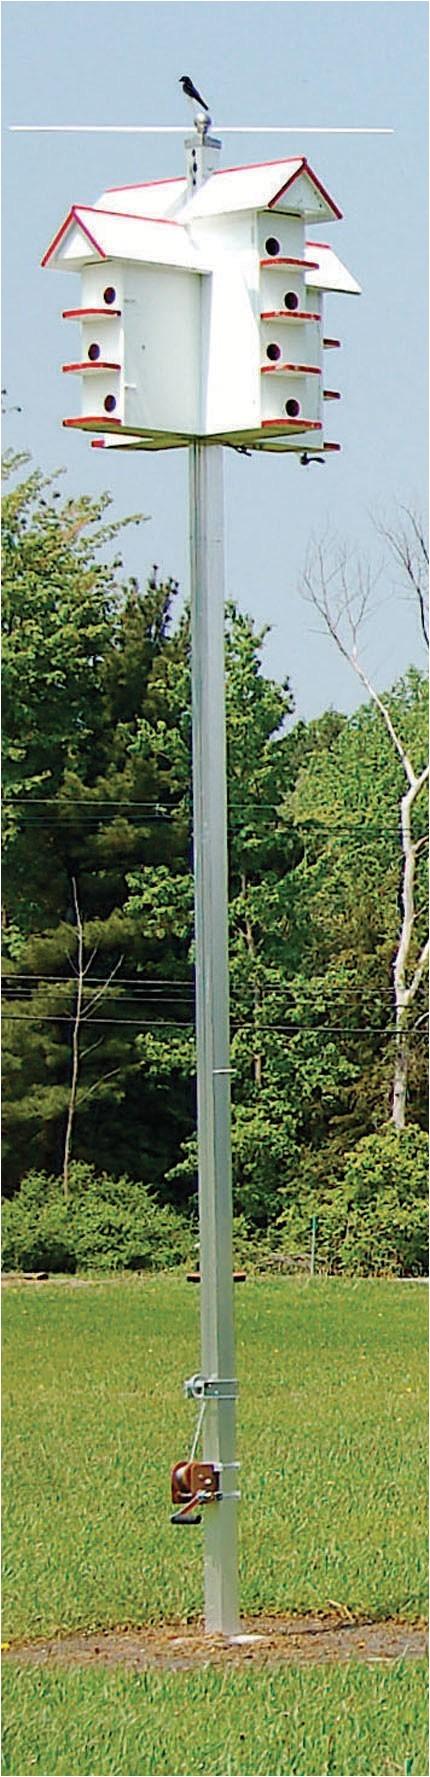 aluminum t 14 martin house pole